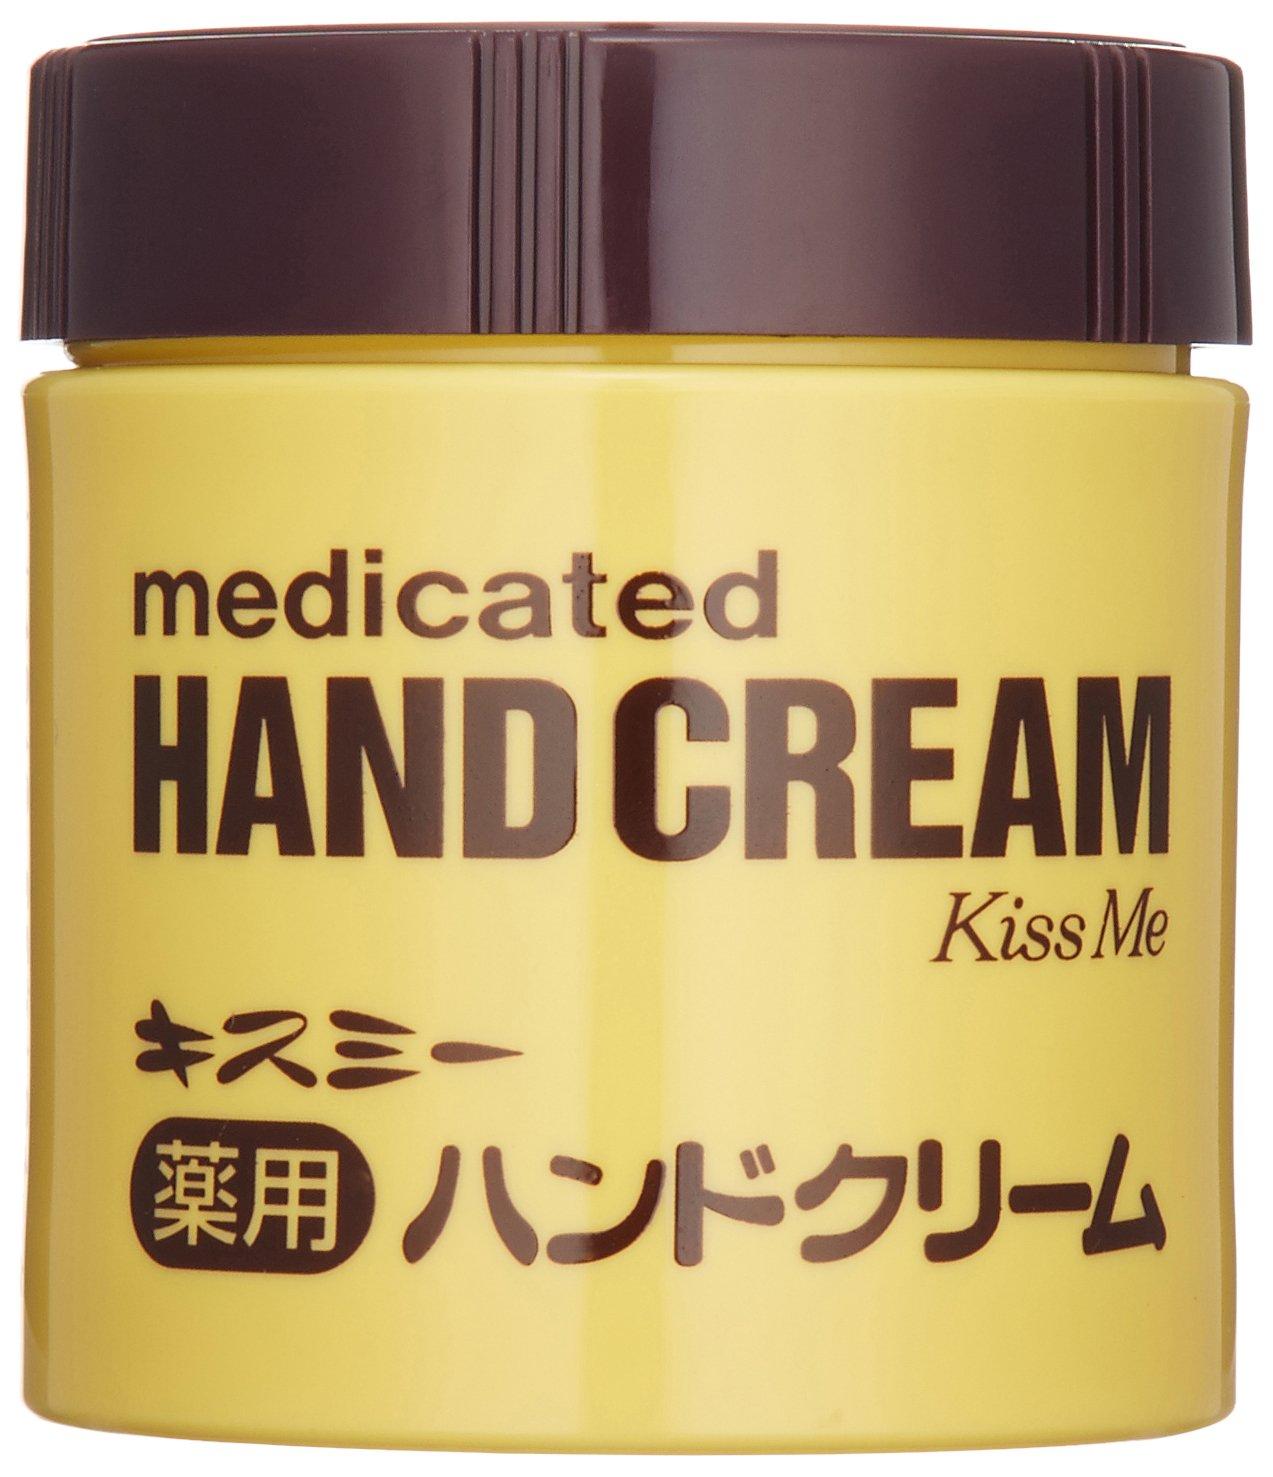 キスミー薬用ハンドクリーム ボトルタイプ